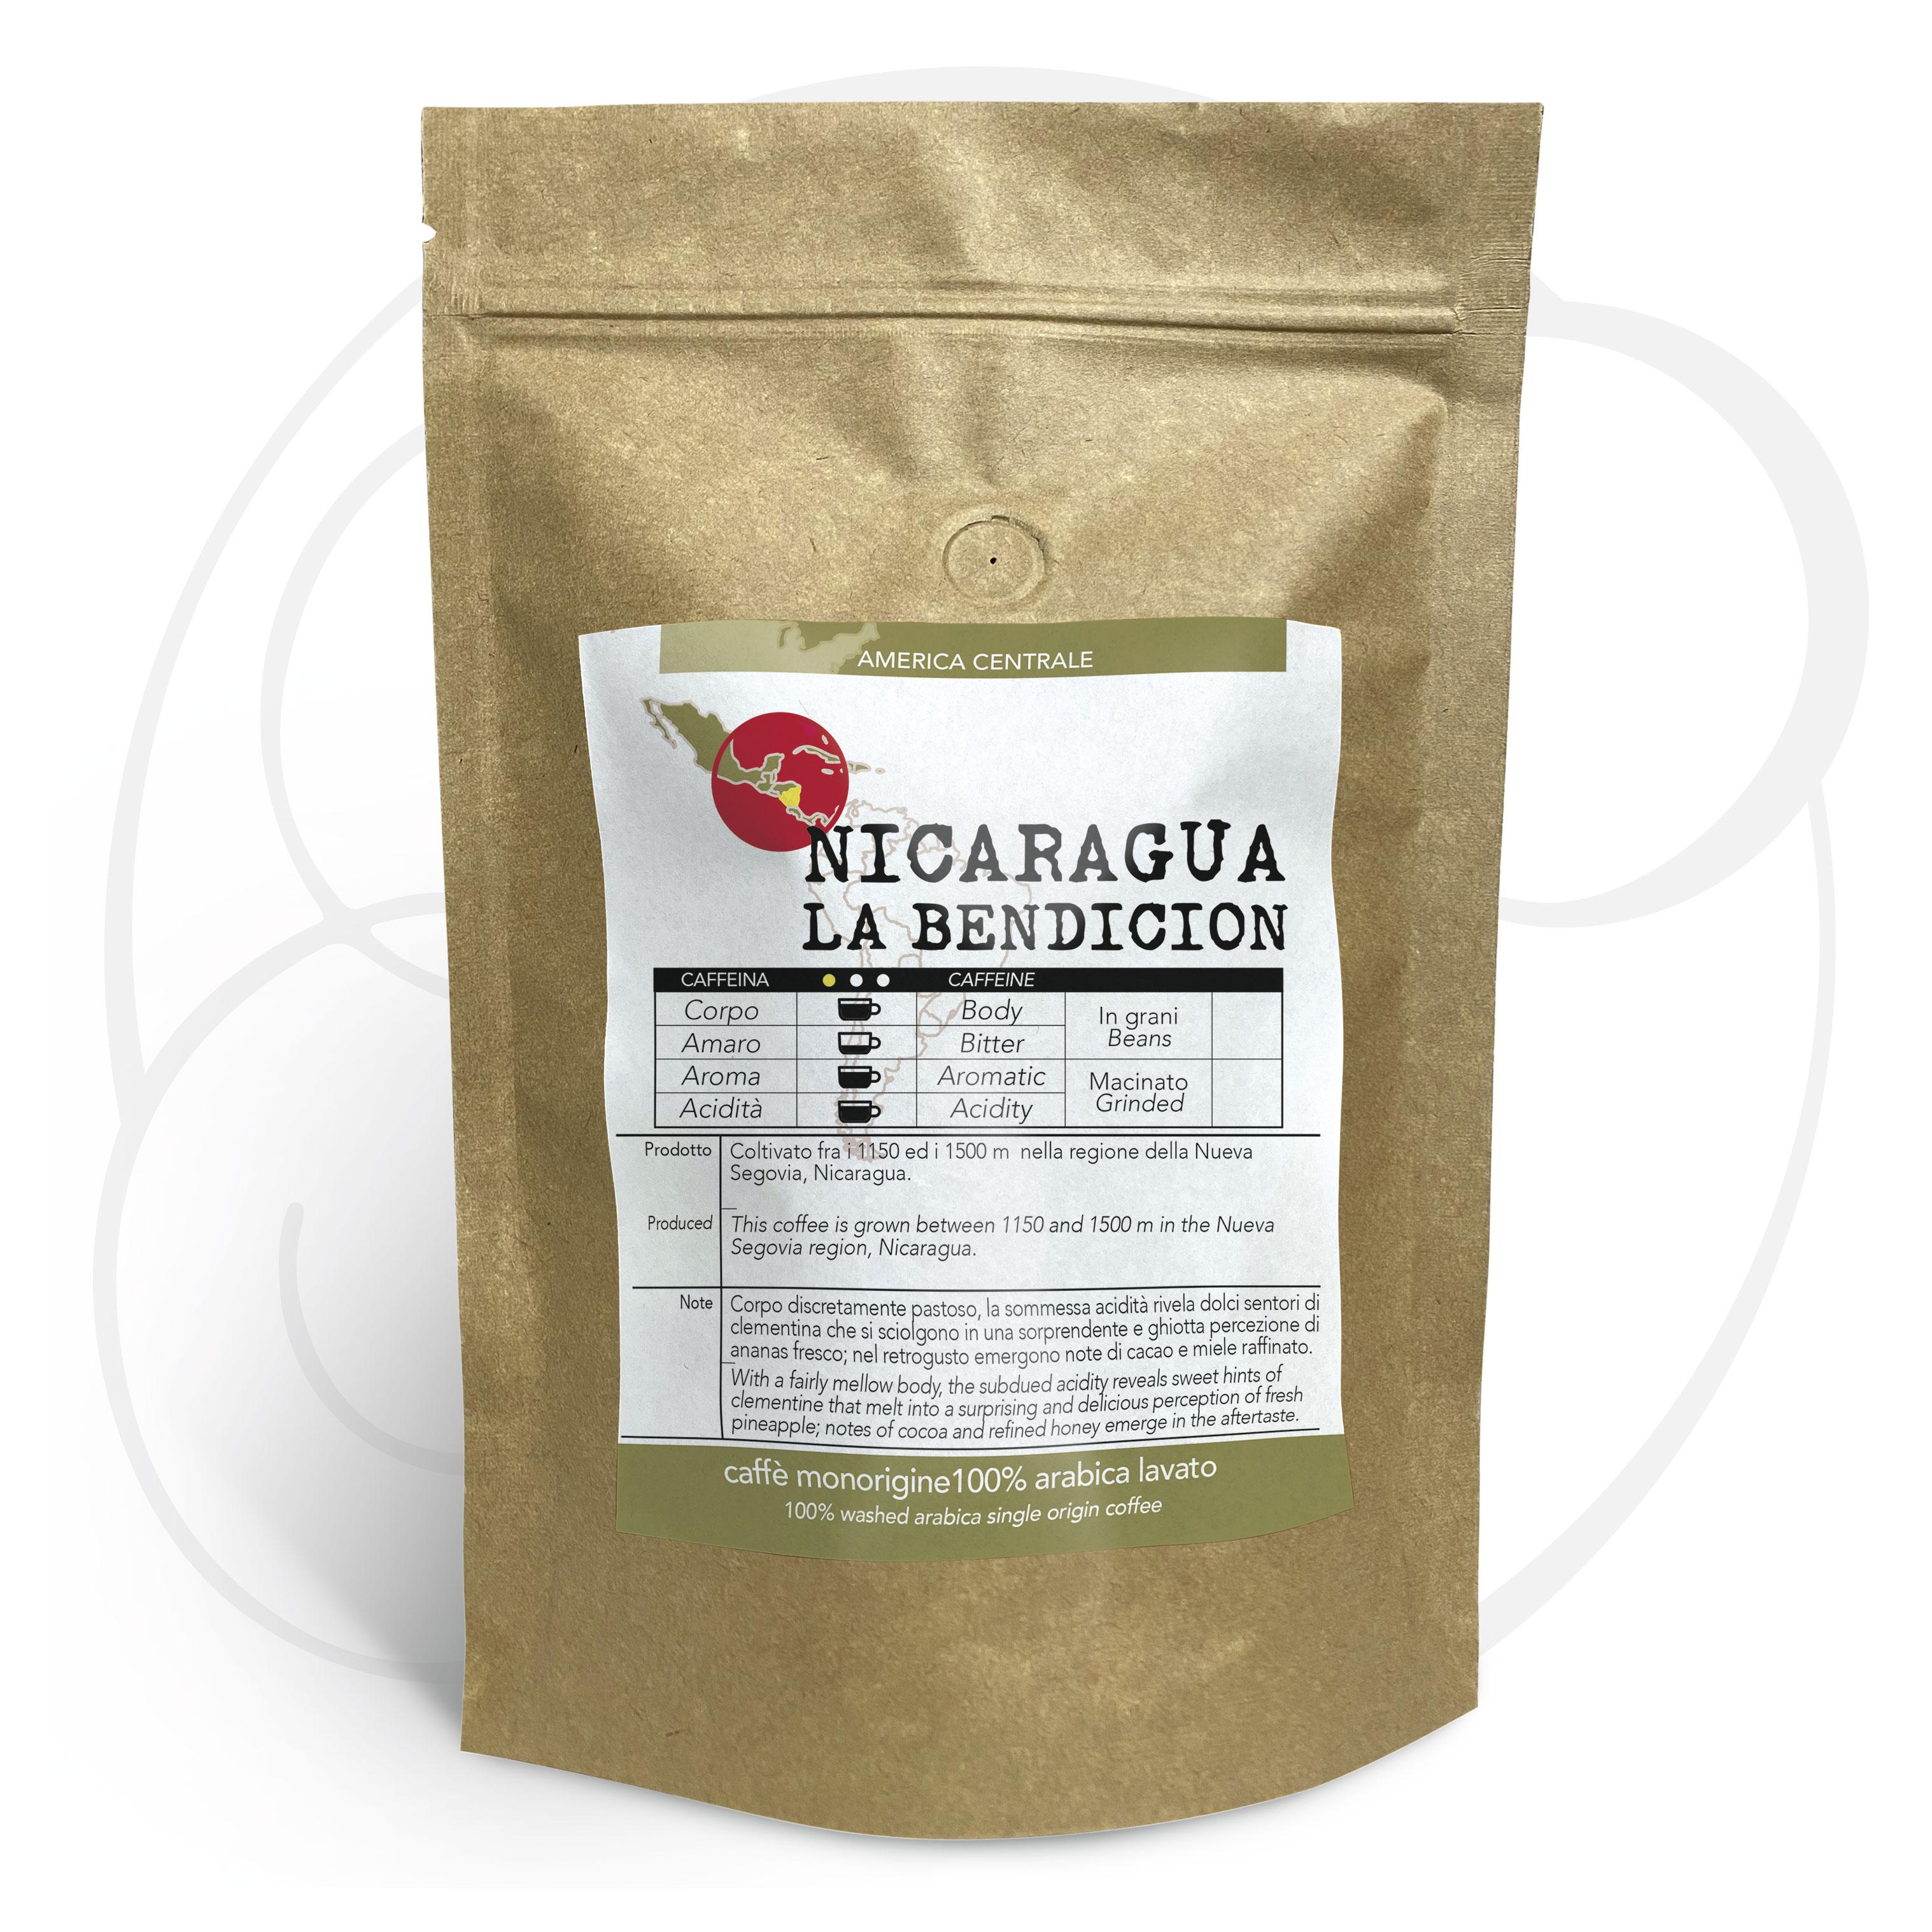 Caffè monorigine Nicaragua - Pacamara La Bendicion macinato, confezioni da 250 gr e 1kg